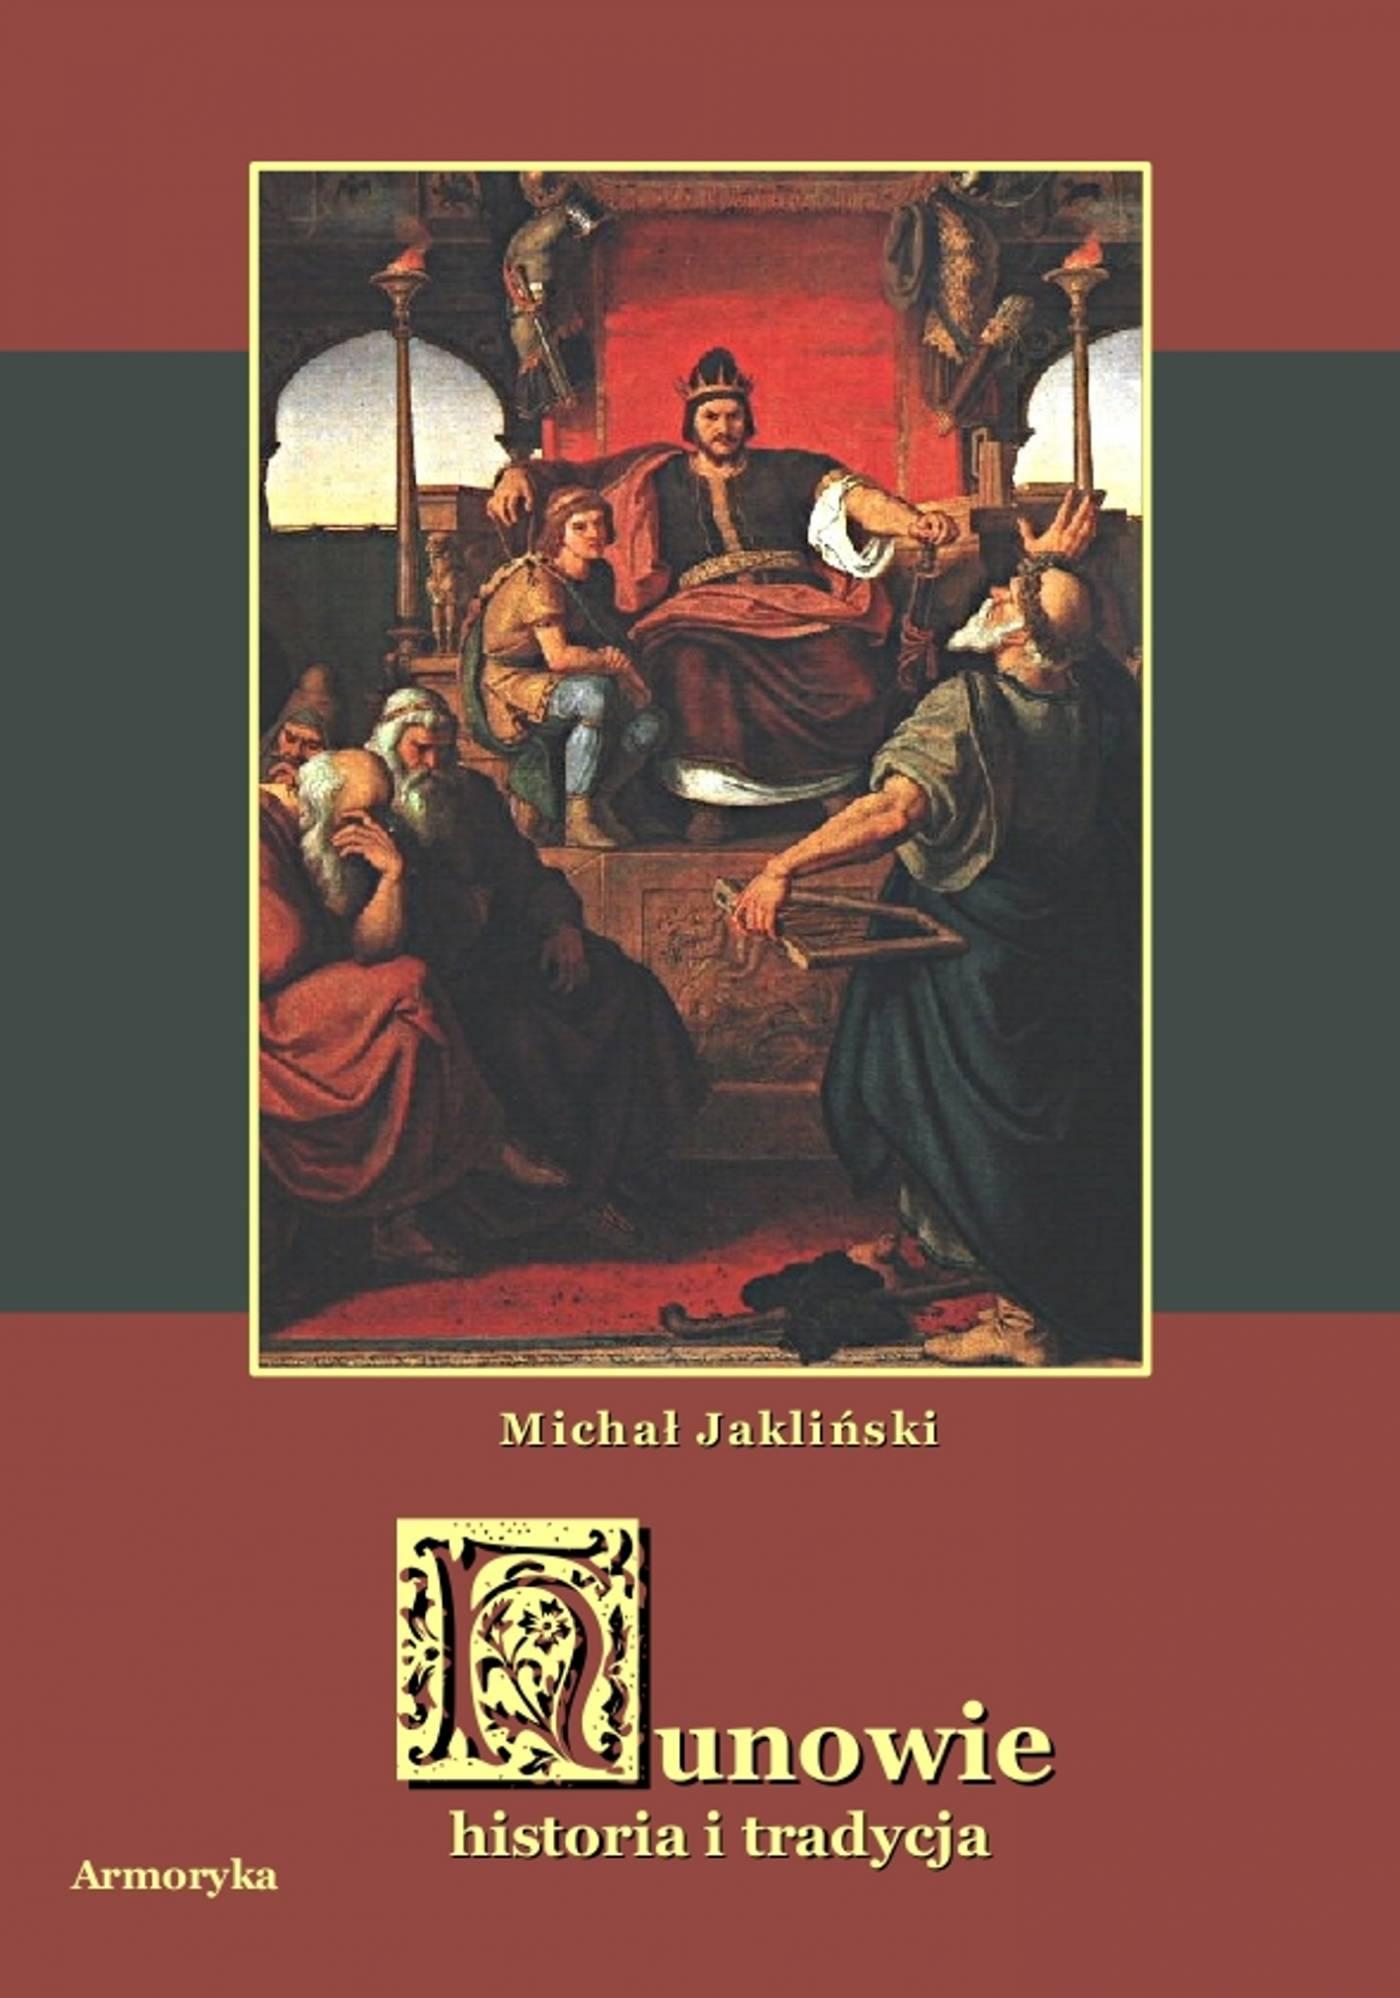 Hunowie. Historia i tradycja - Ebook (Książka EPUB) do pobrania w formacie EPUB